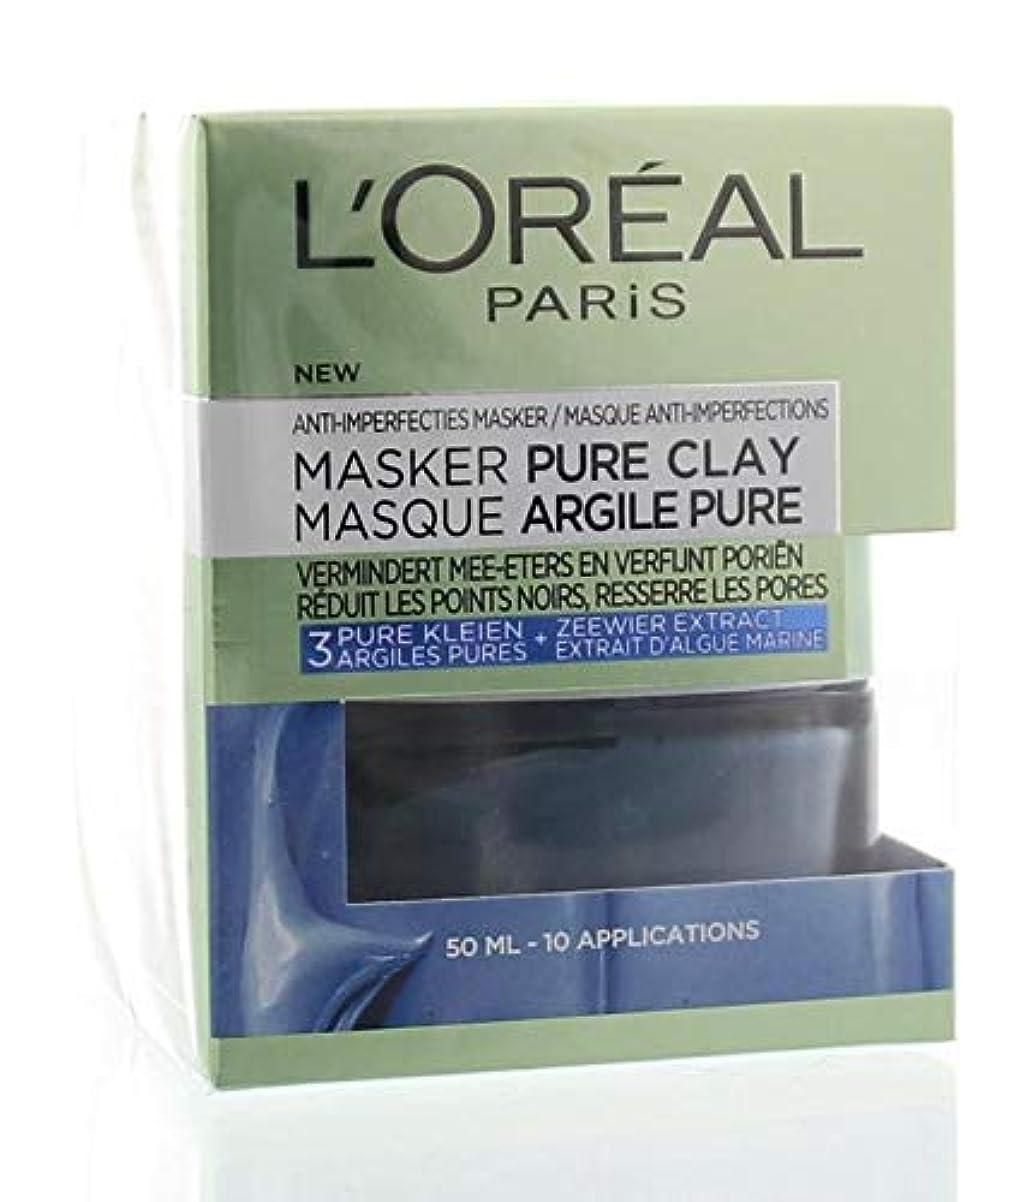 関数電話に出る悪行ロレアル Pure Clay Mask - Anti-Imperfections Mask 50ml/1.7oz並行輸入品